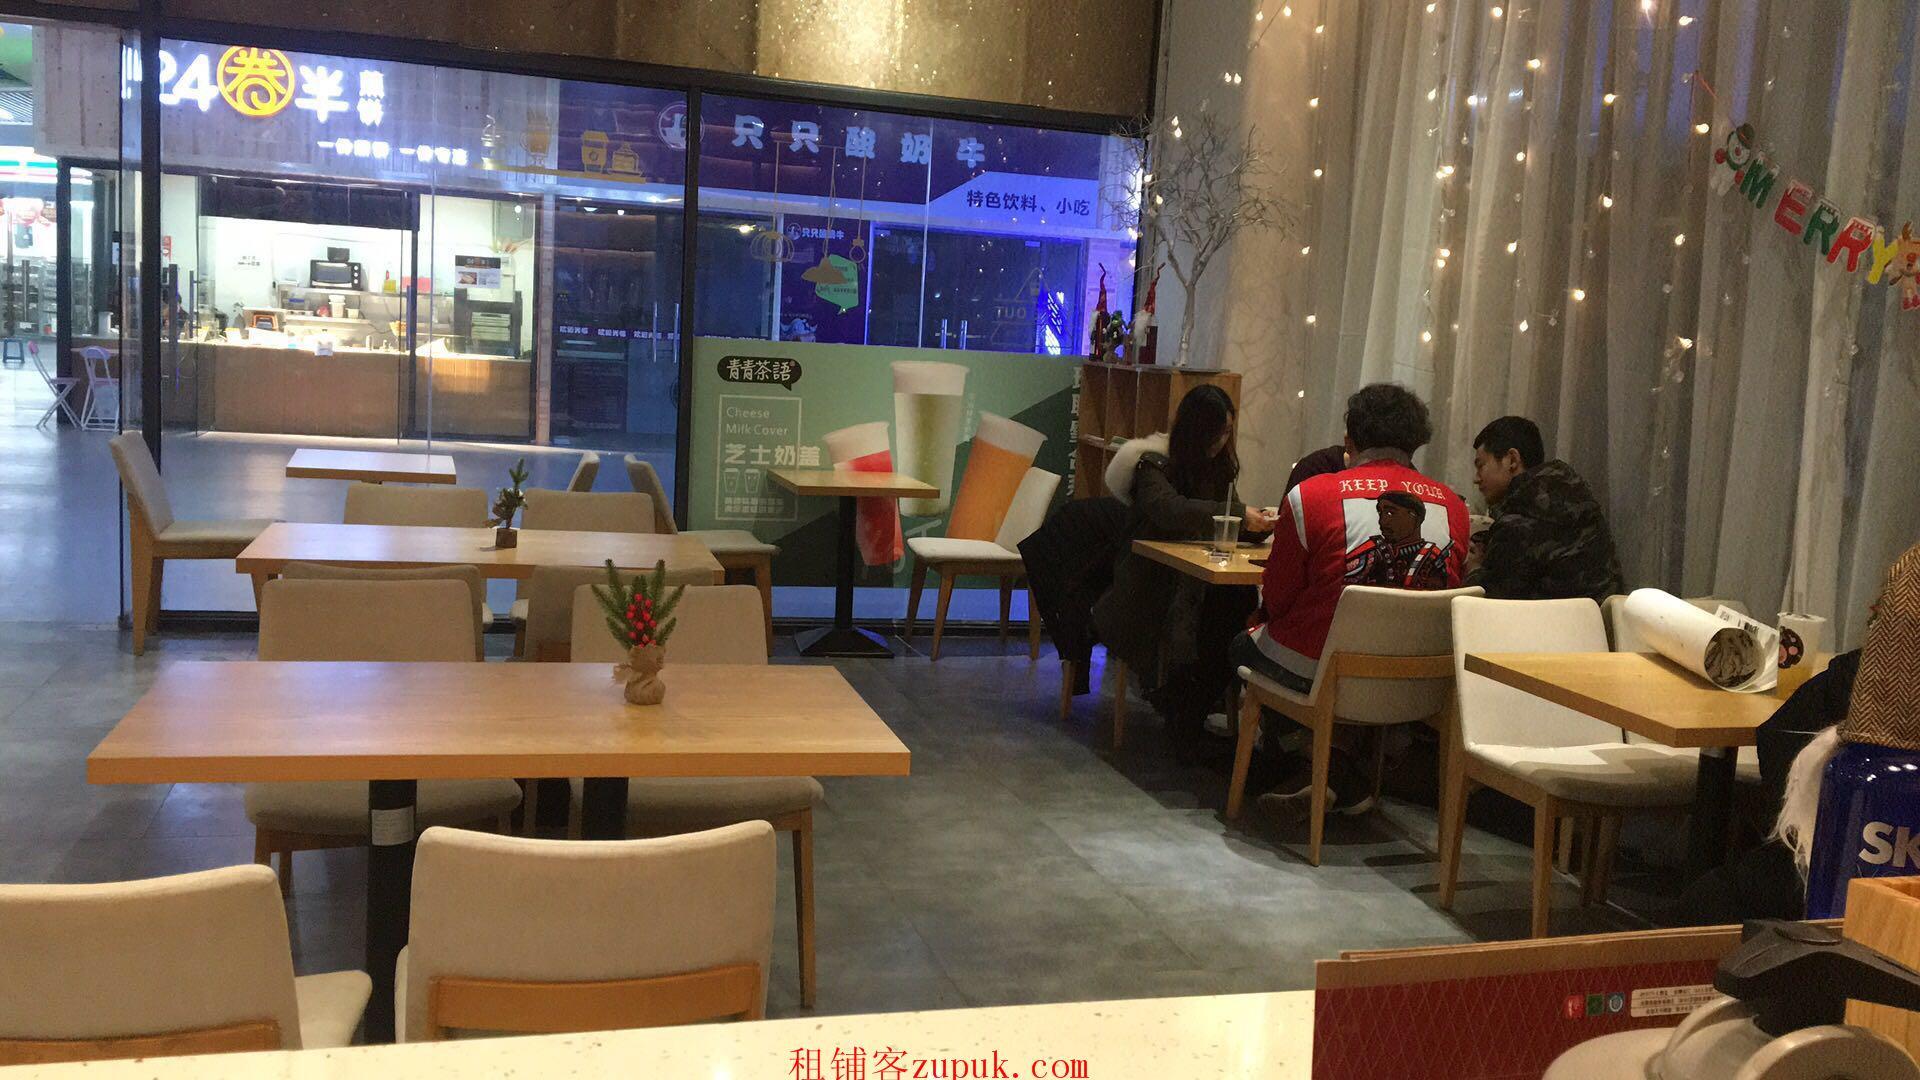 沙坪坝大学城房地产学院内商业街奶茶店